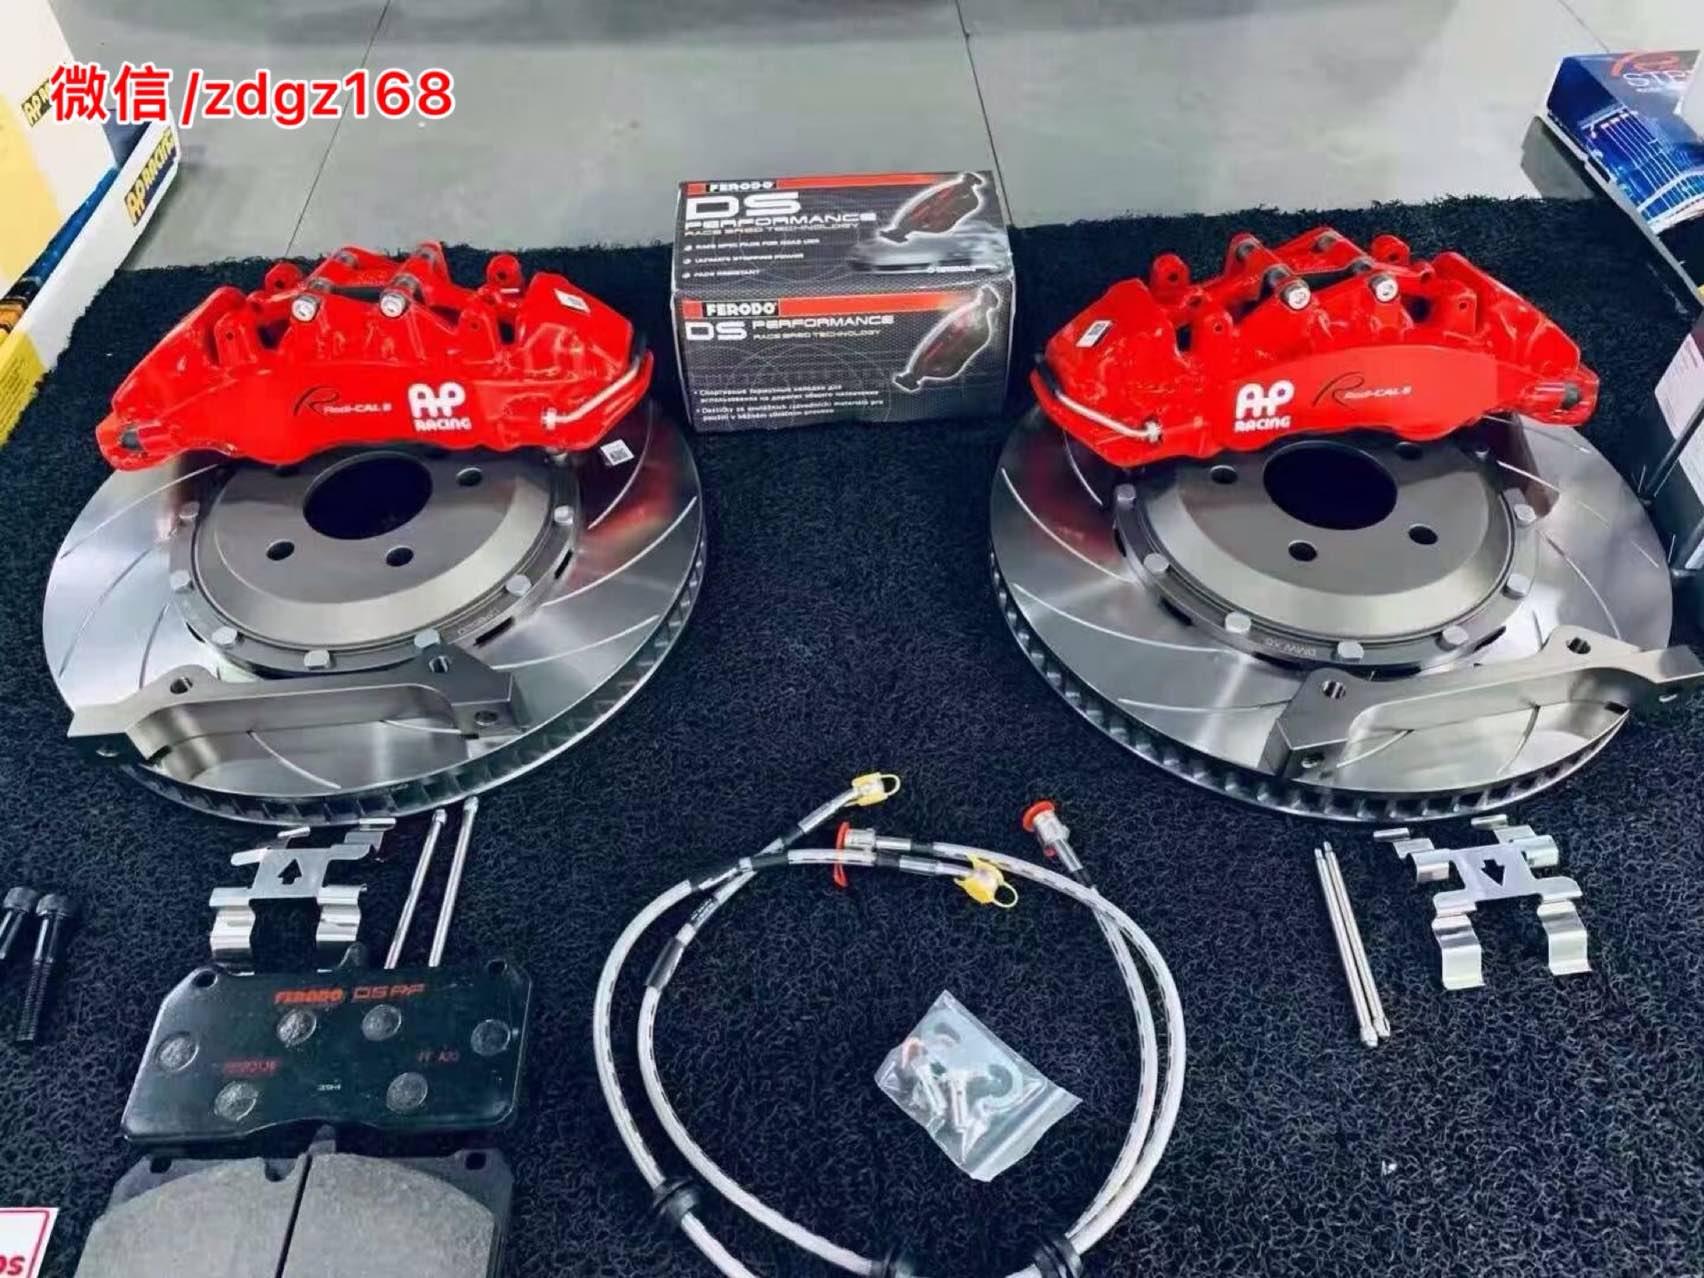 宝马X5 刹车升级前轮AP9560大六 配380划线盘 ,完美上车,效果灵敏制动!